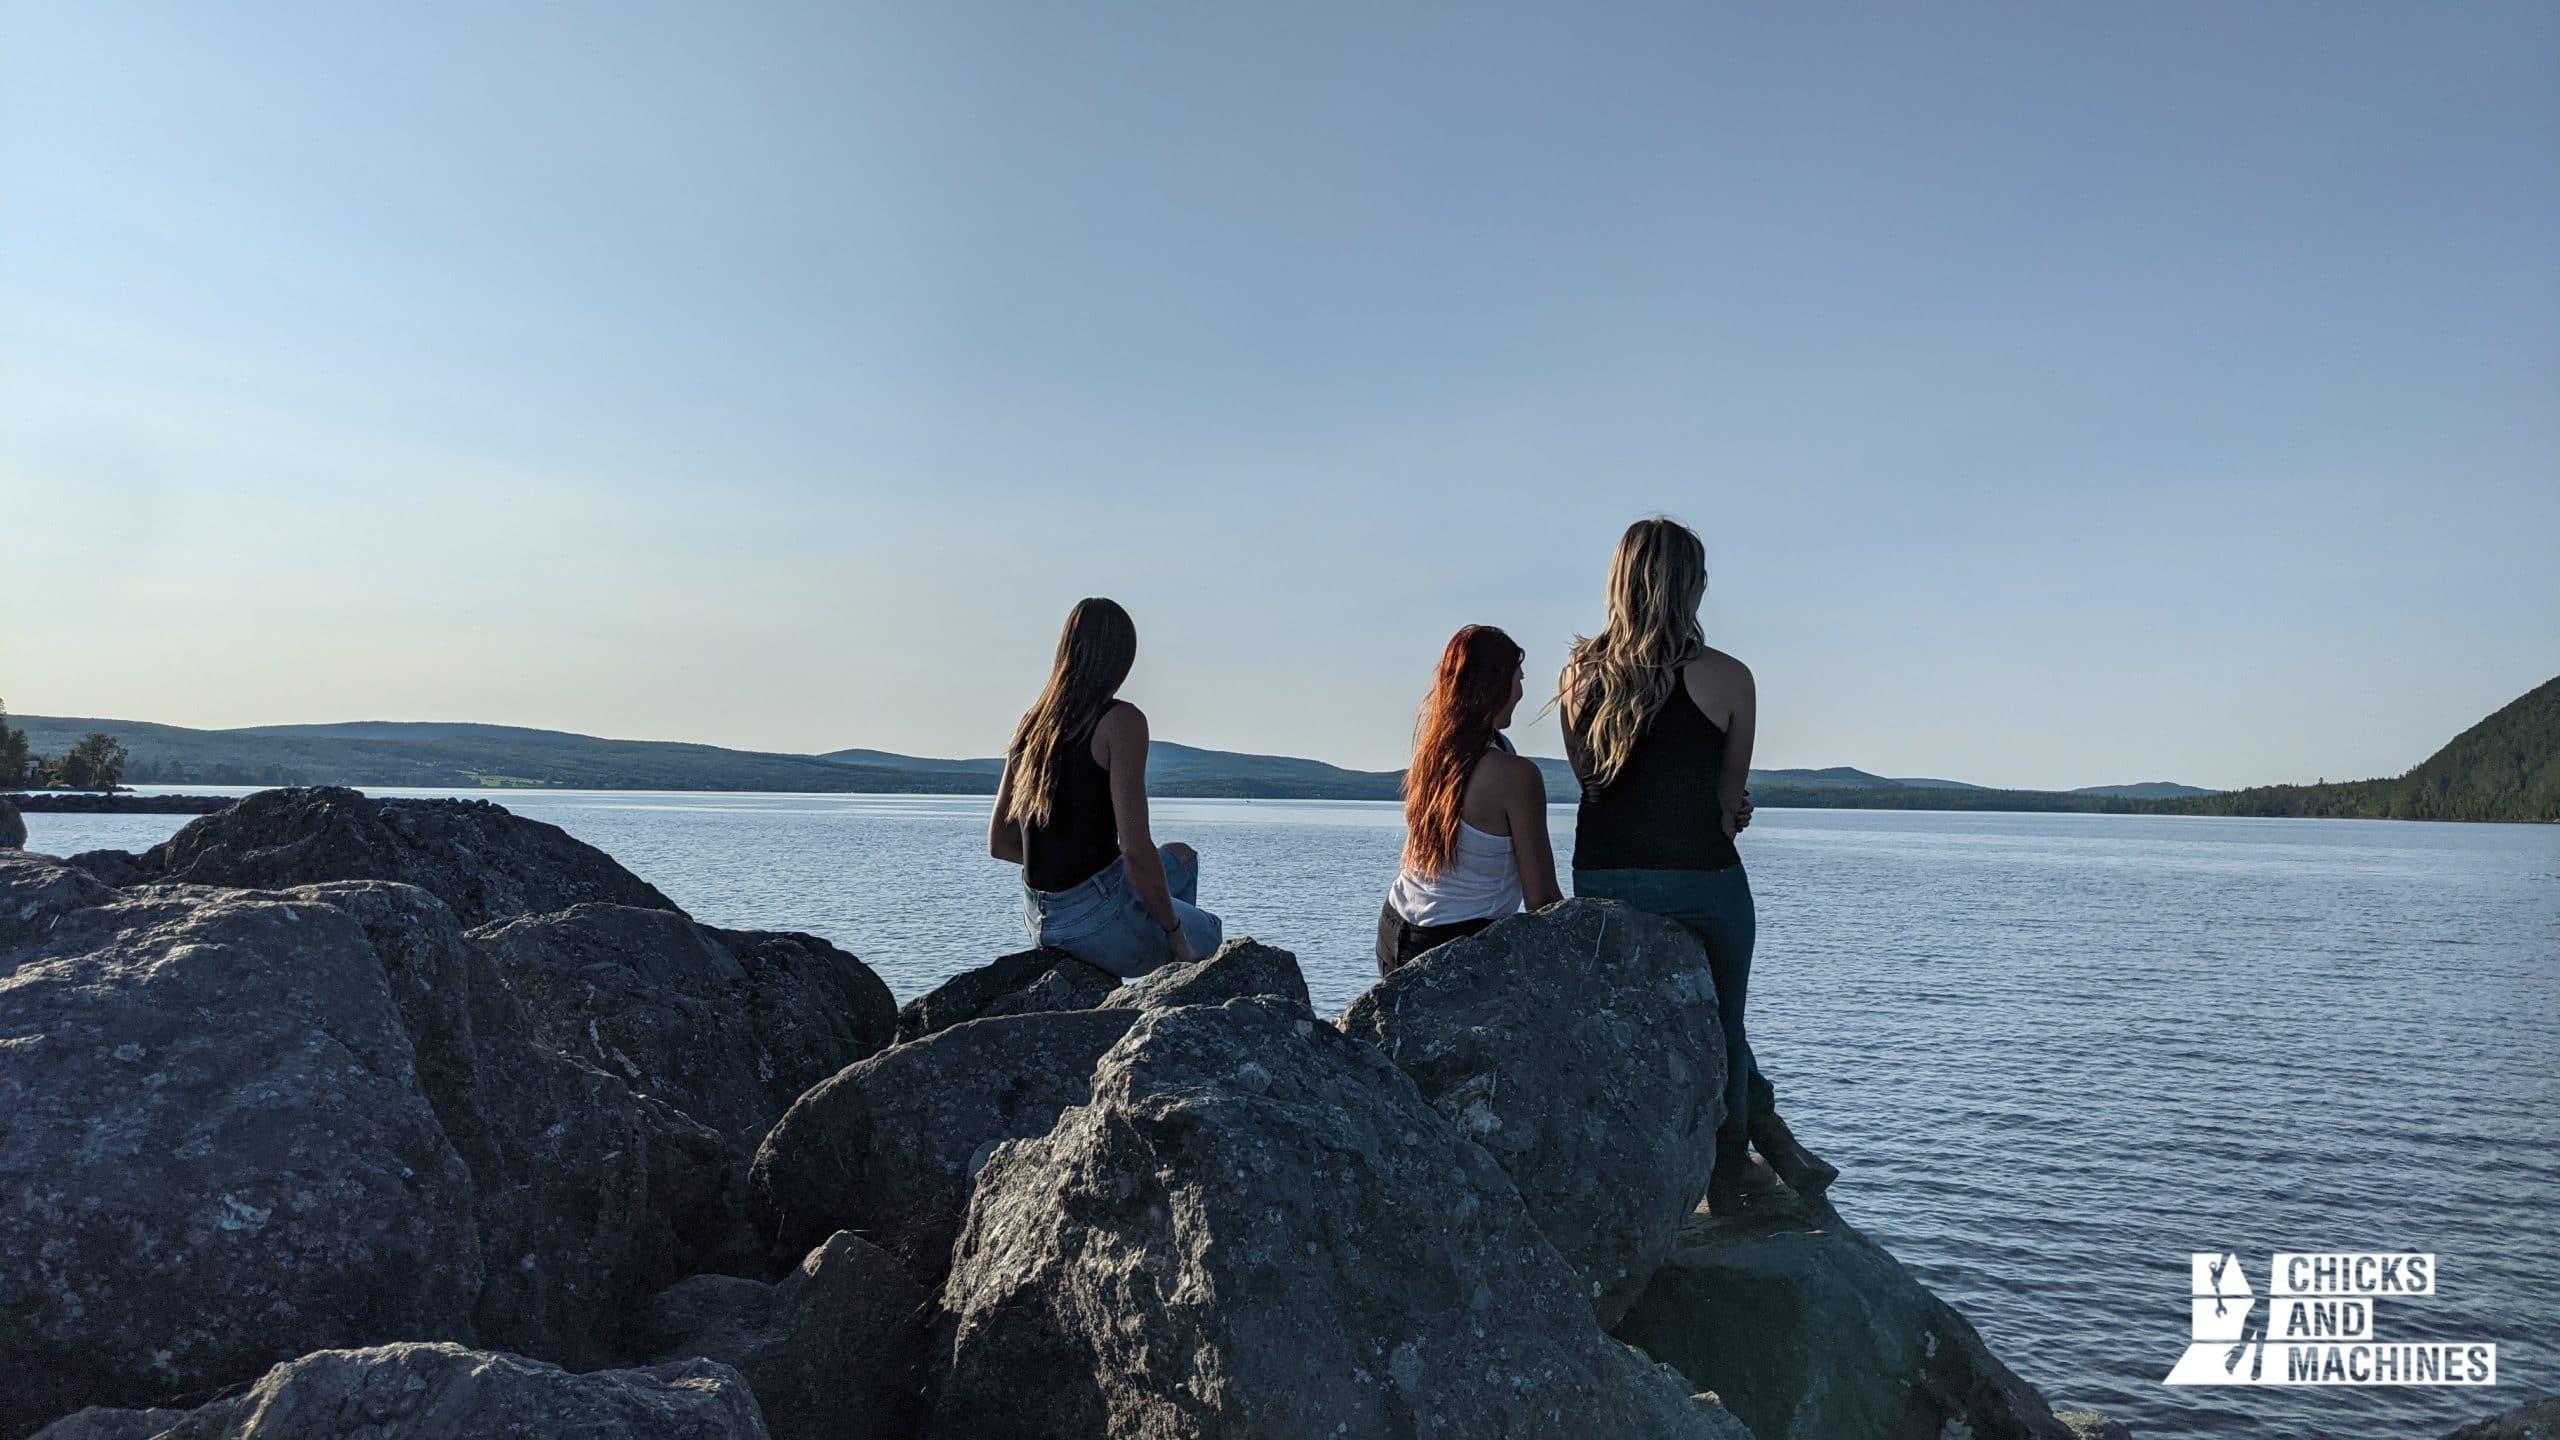 La vue imprenable en fin de journée sur le Lac-Témiscouata